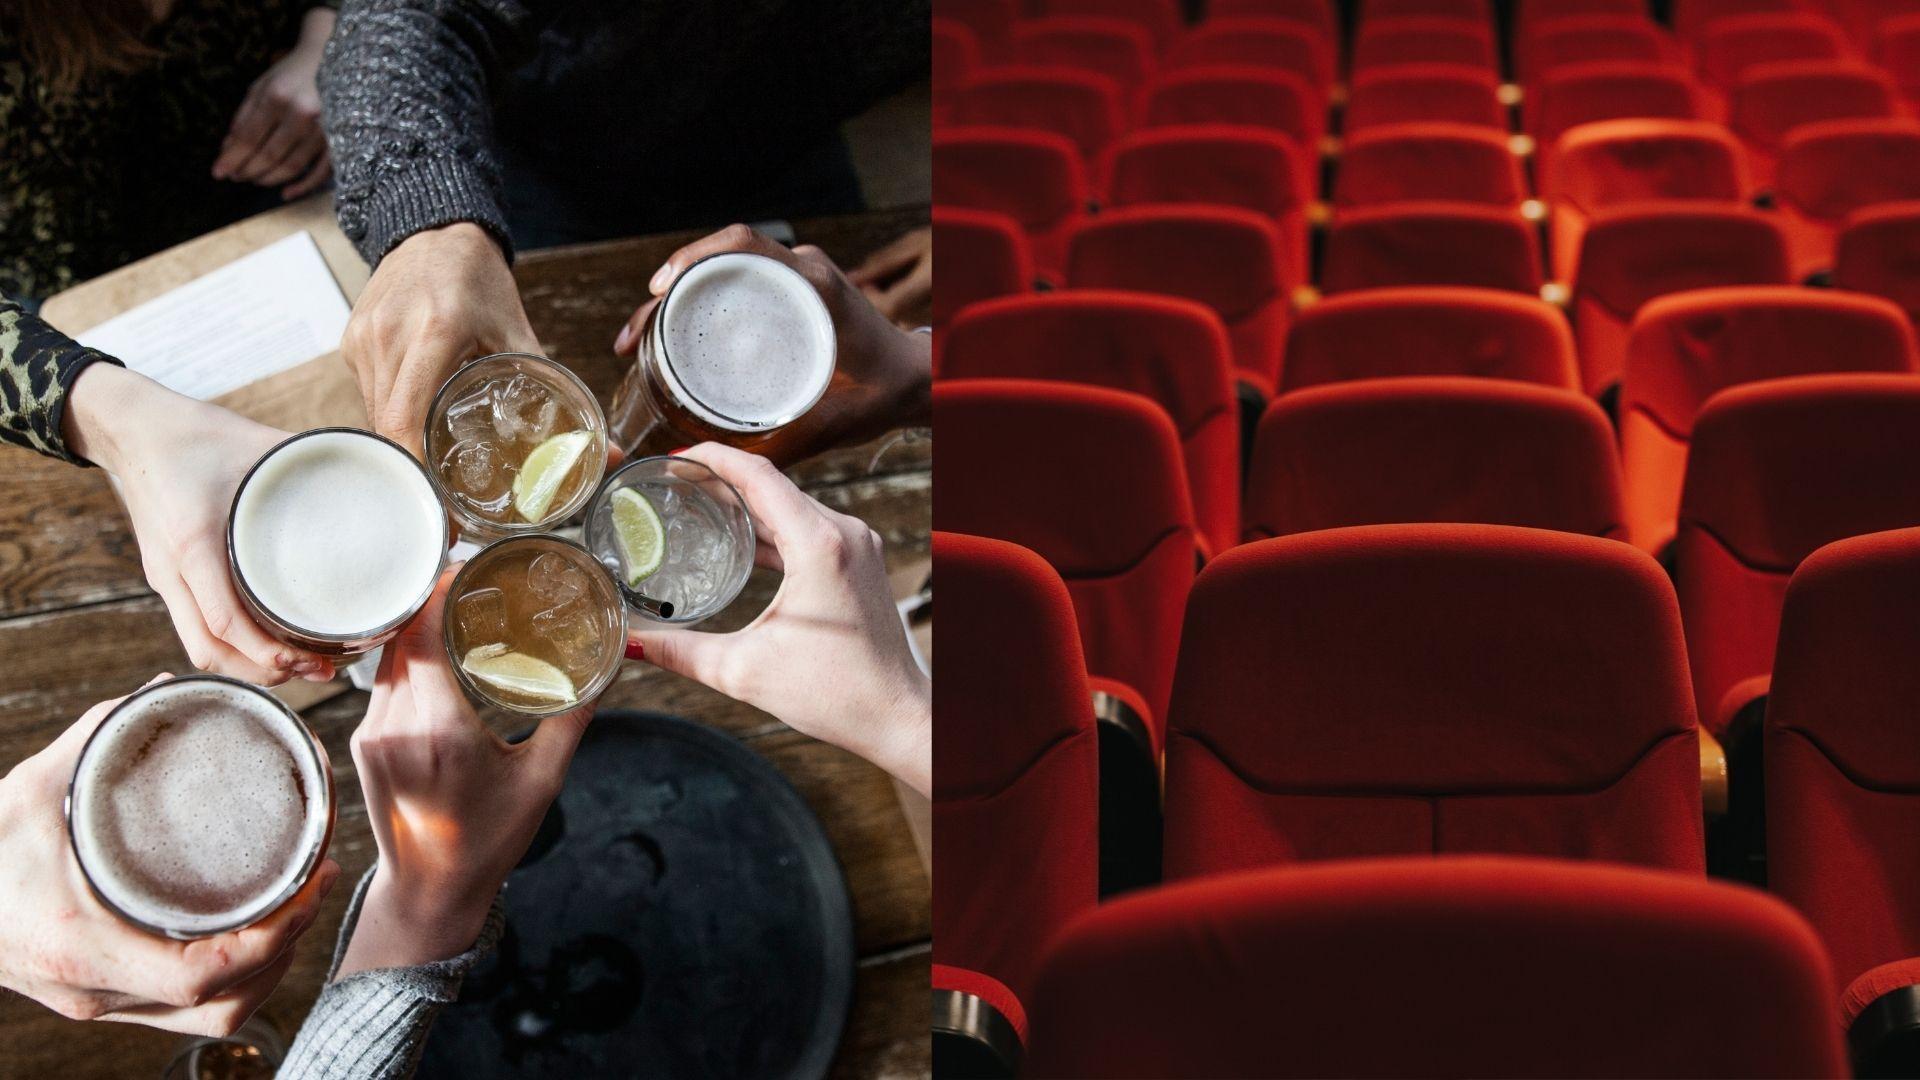 Un peu moins de binge drinking et plus de